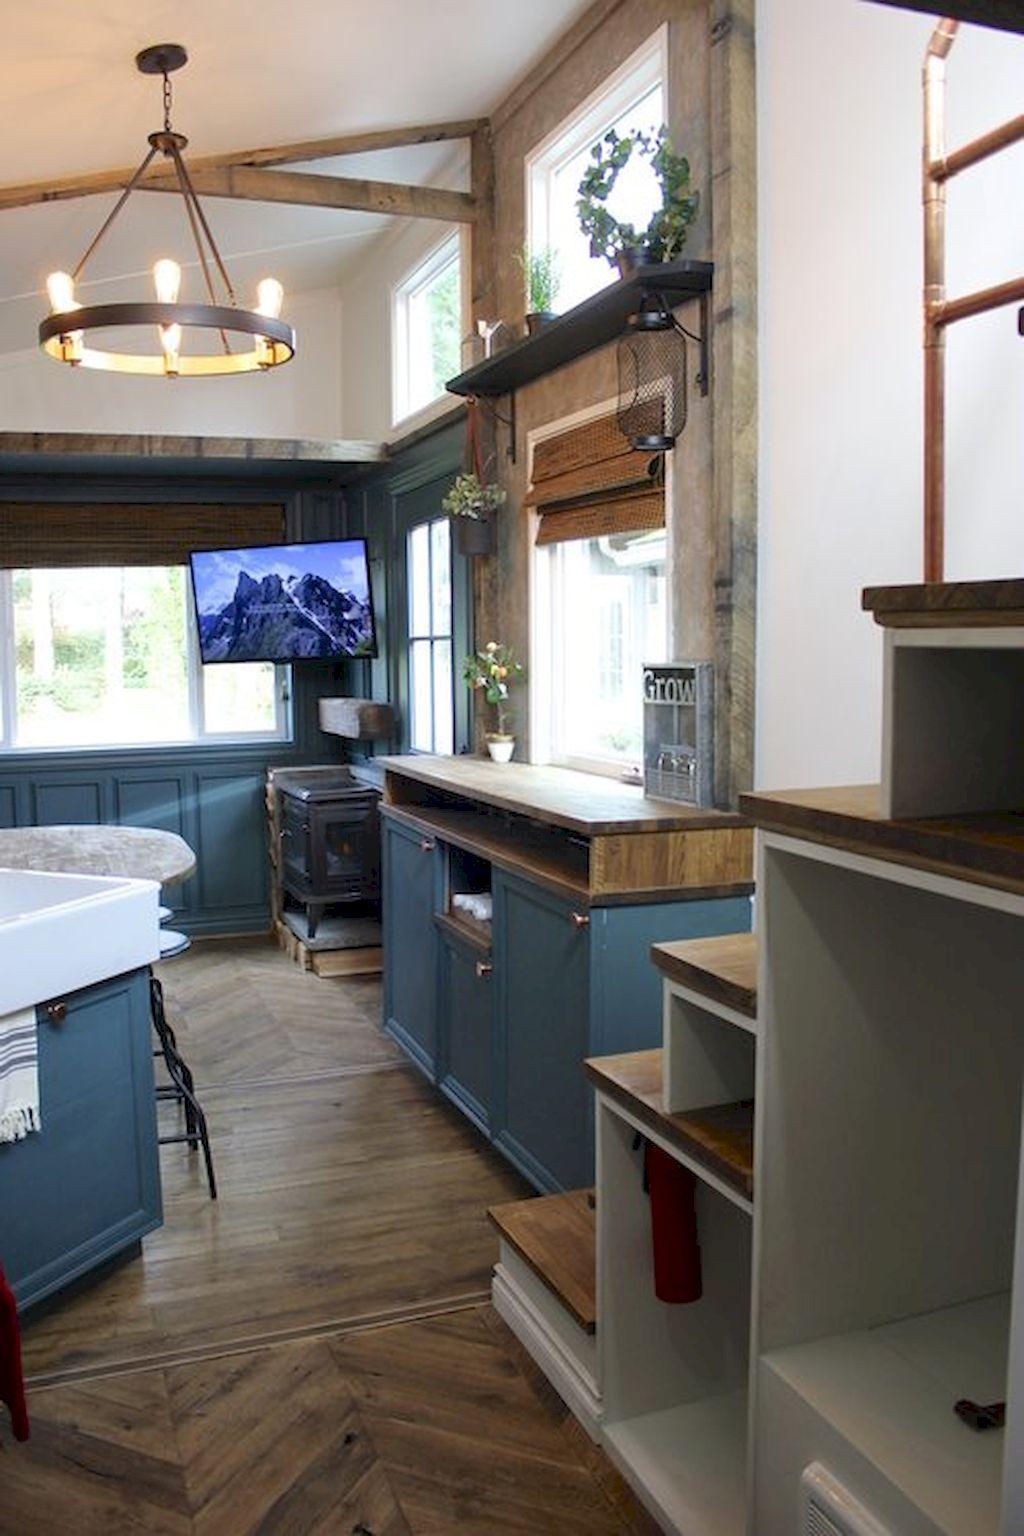 best tiny house interior yet tiny house pins best house interior Nice 120 Tiny House Bus Designs and Decorating Ideas https:--homevialand.com